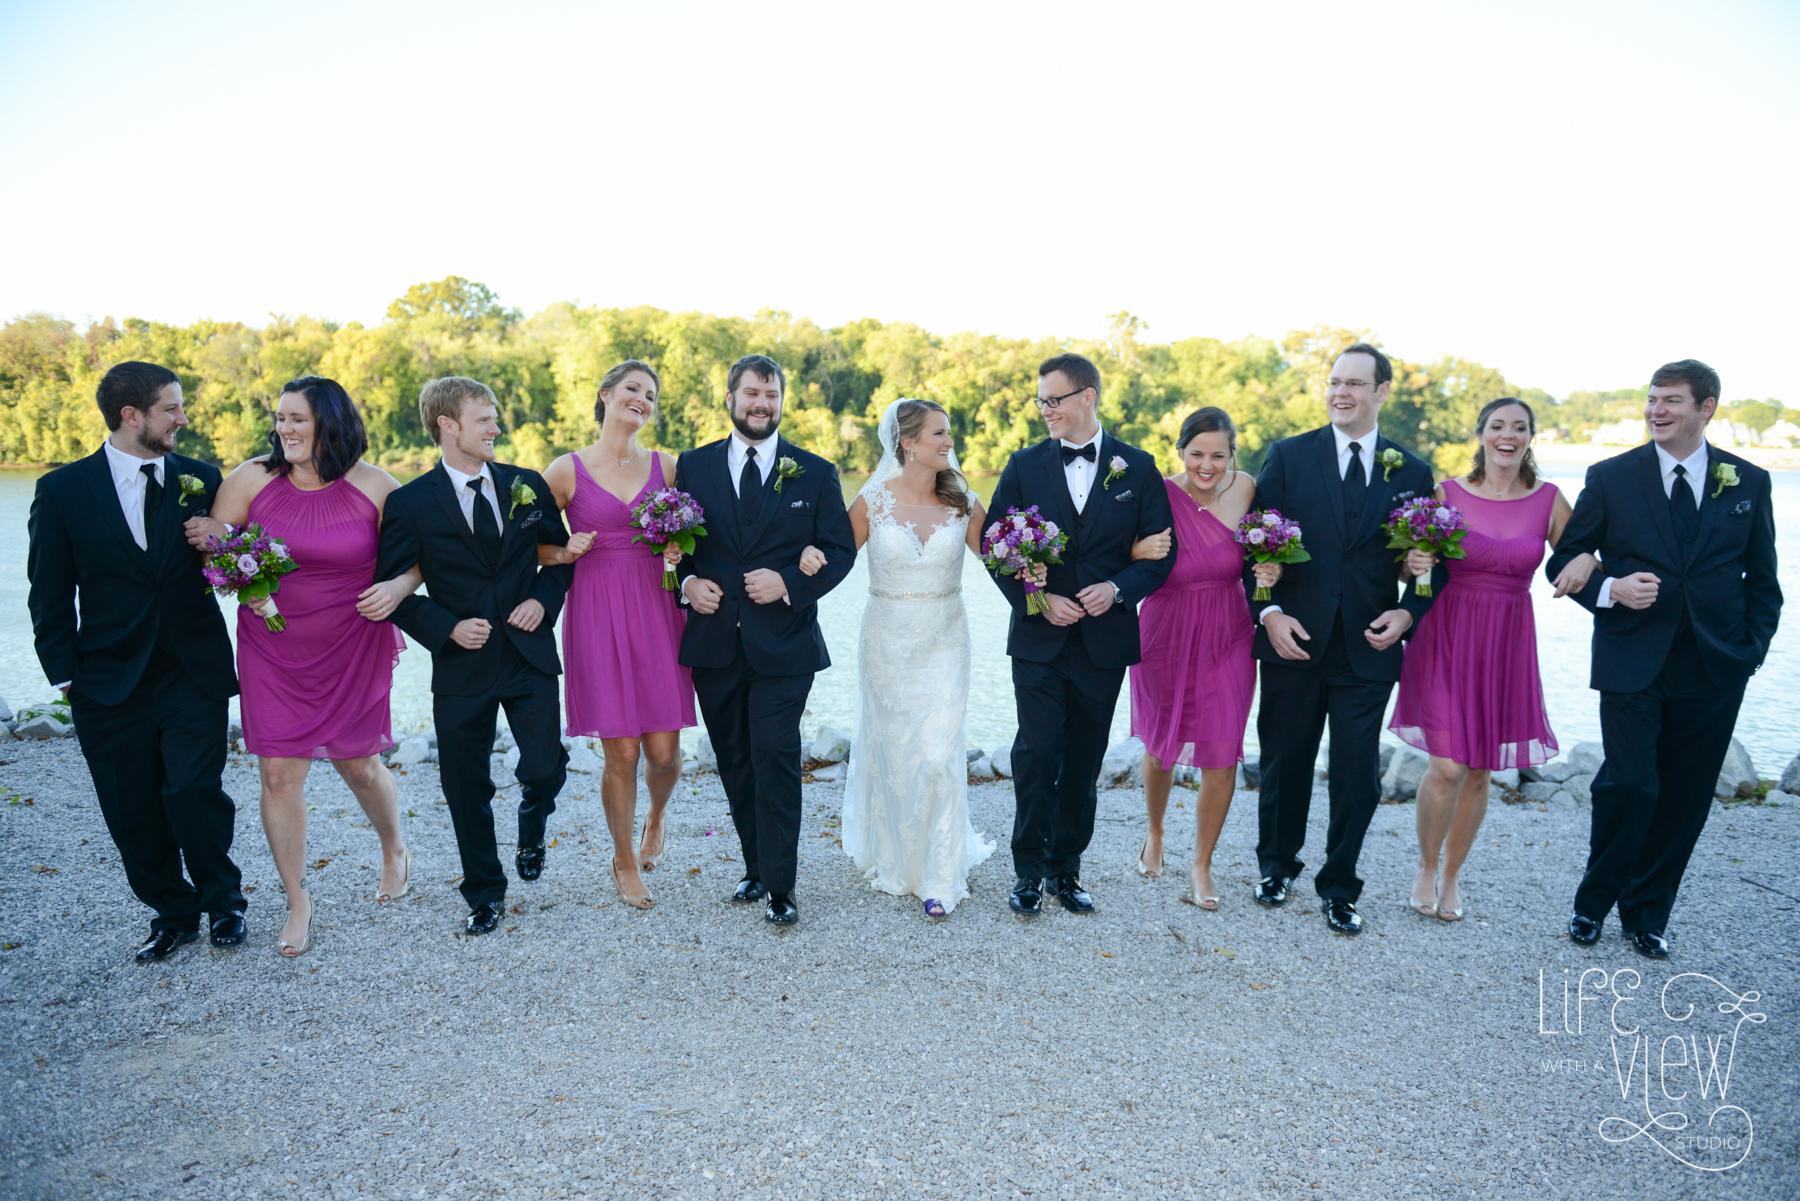 Manker-Patten-Wedding-49.jpg